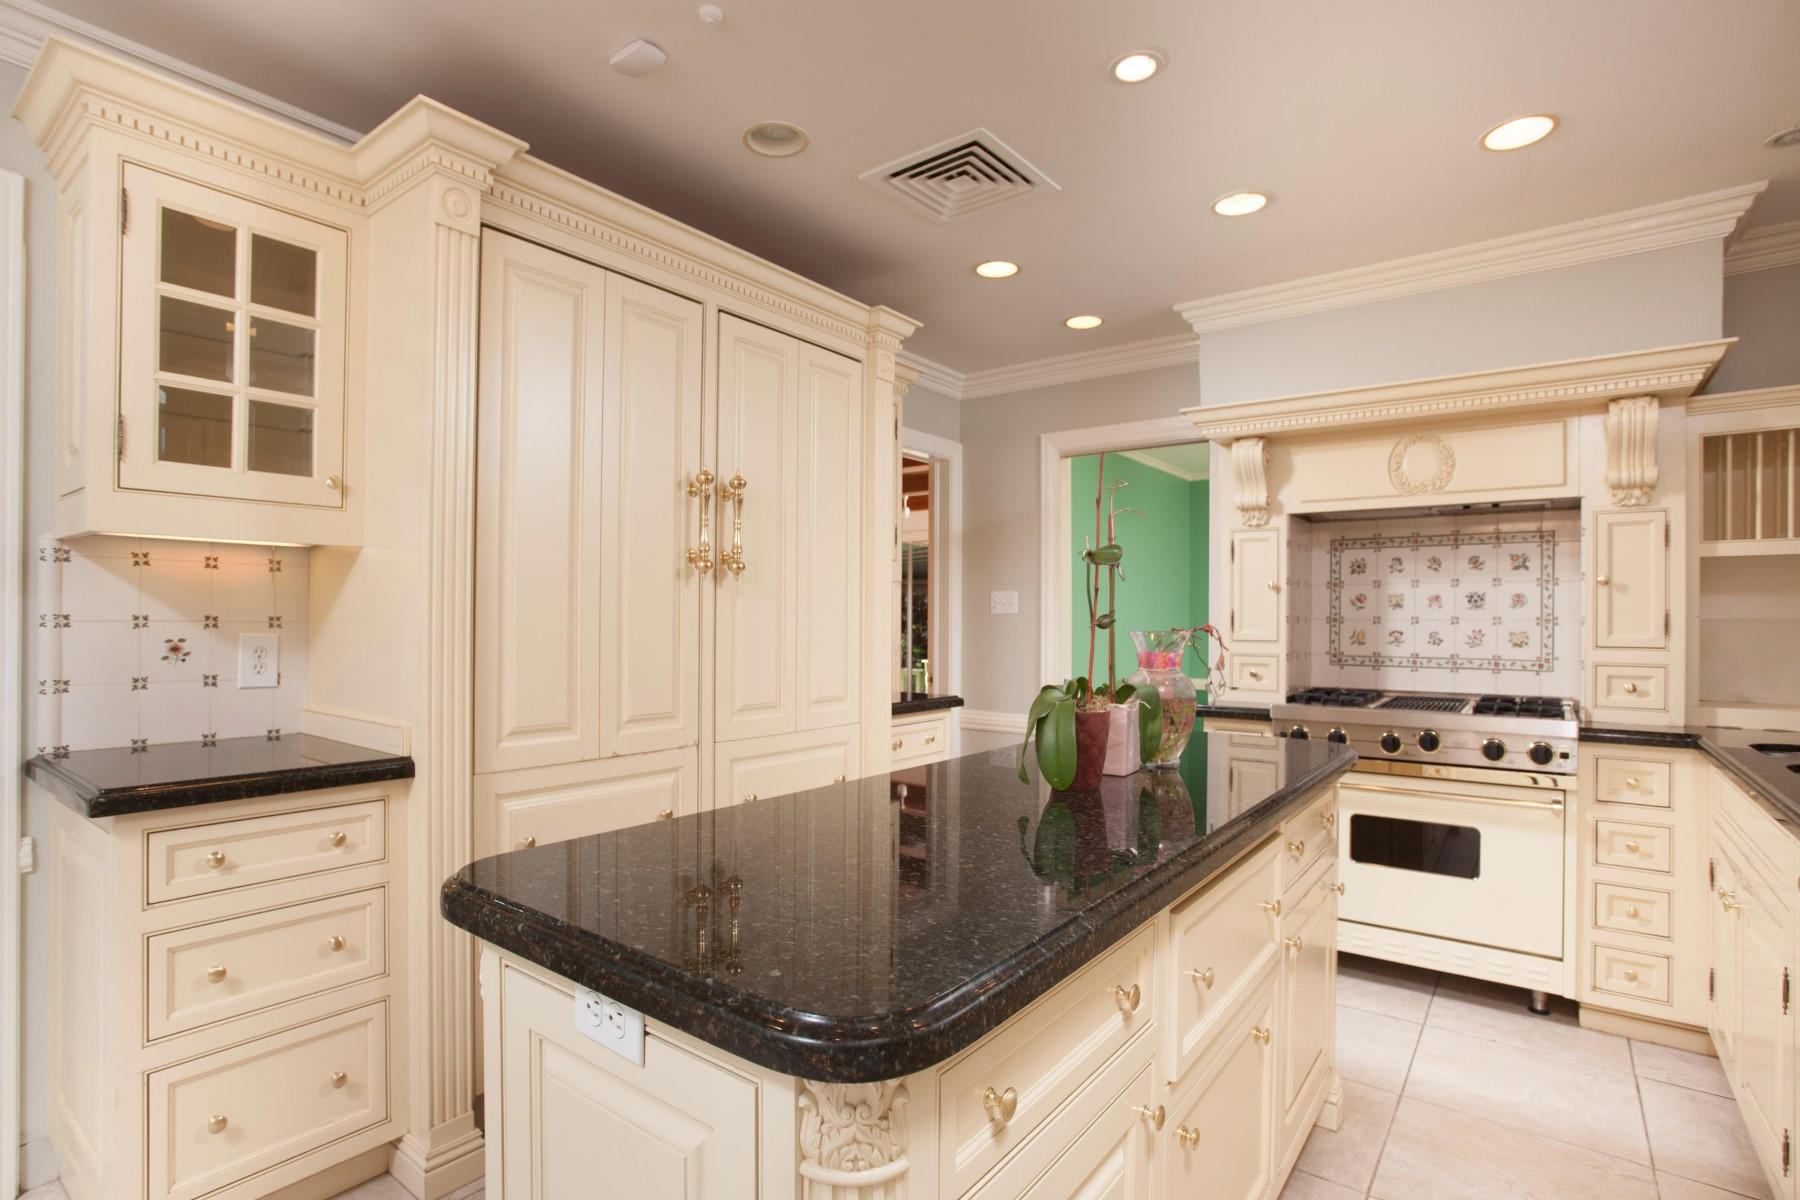 Maison unifamiliale pour l Vente à Historic Encanto Ranch home 901 W Encanto Blvd Phoenix, Arizona, 85007 États-Unis